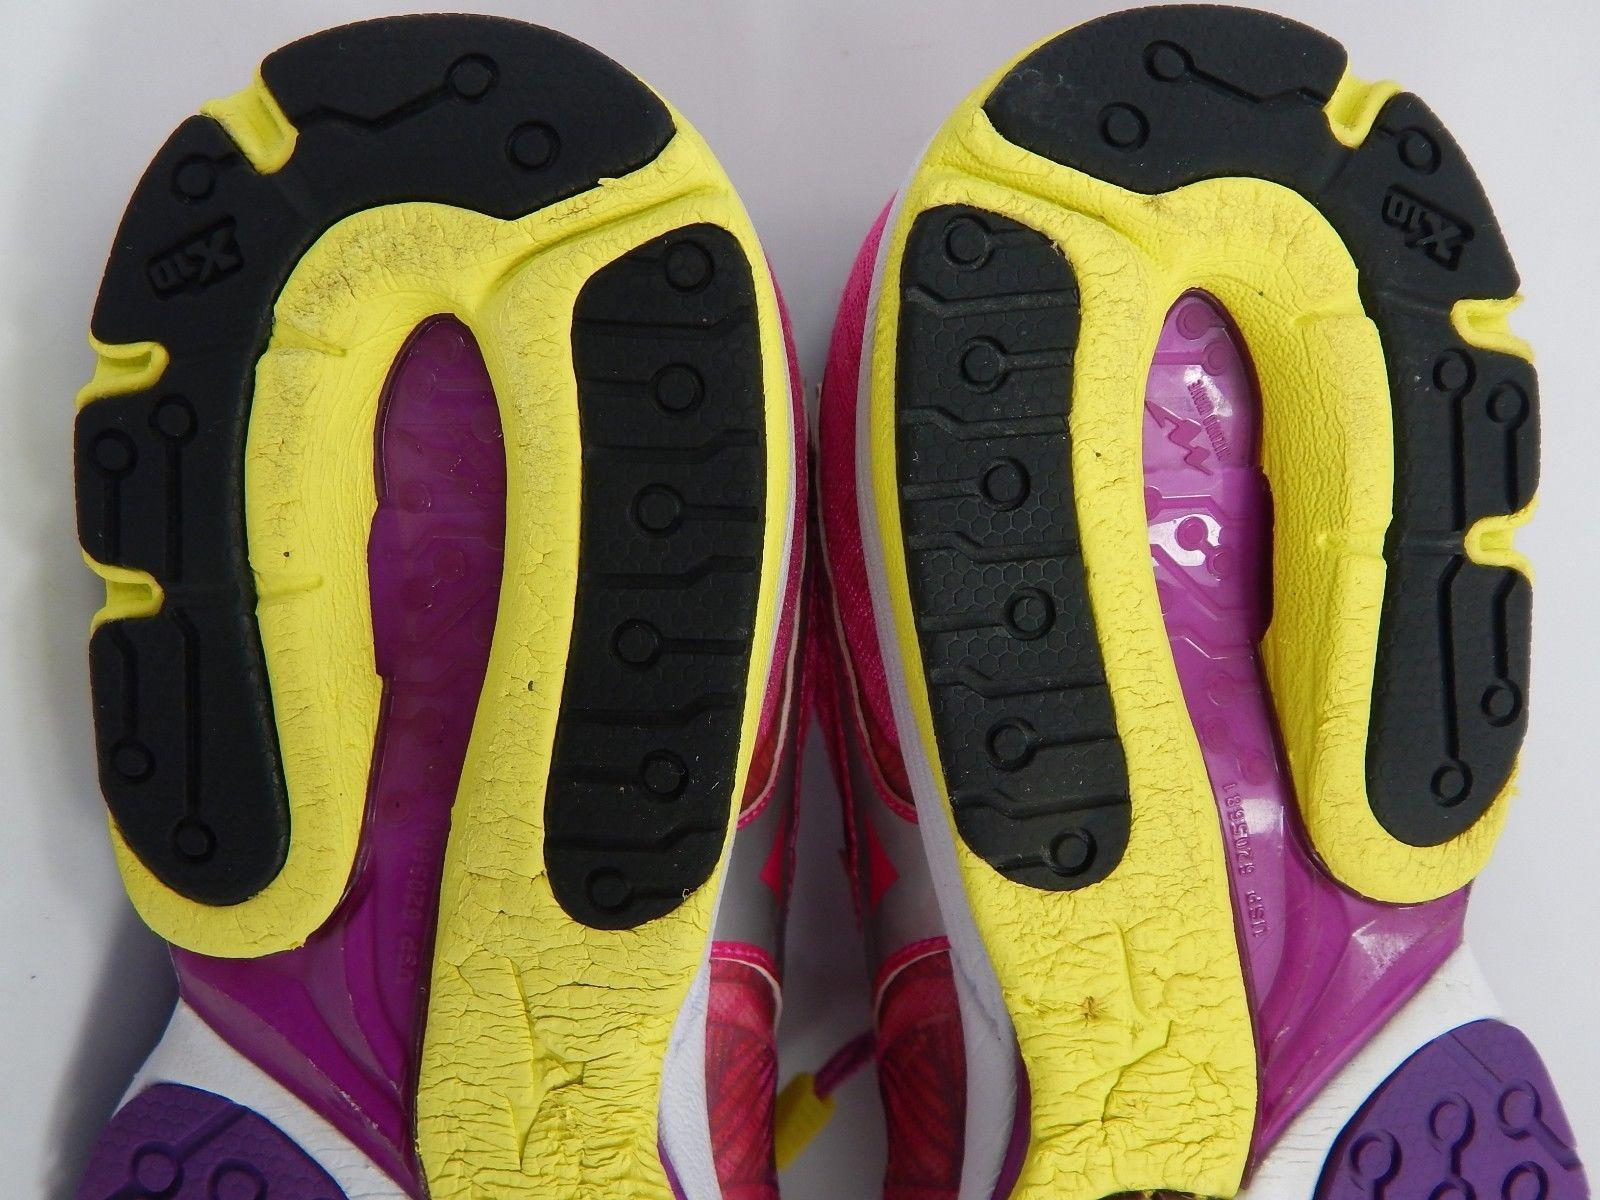 Mizuno Wave Sayonara Size US 10.5 M (B) EU 42 Women's Running Shoes Purple Pink